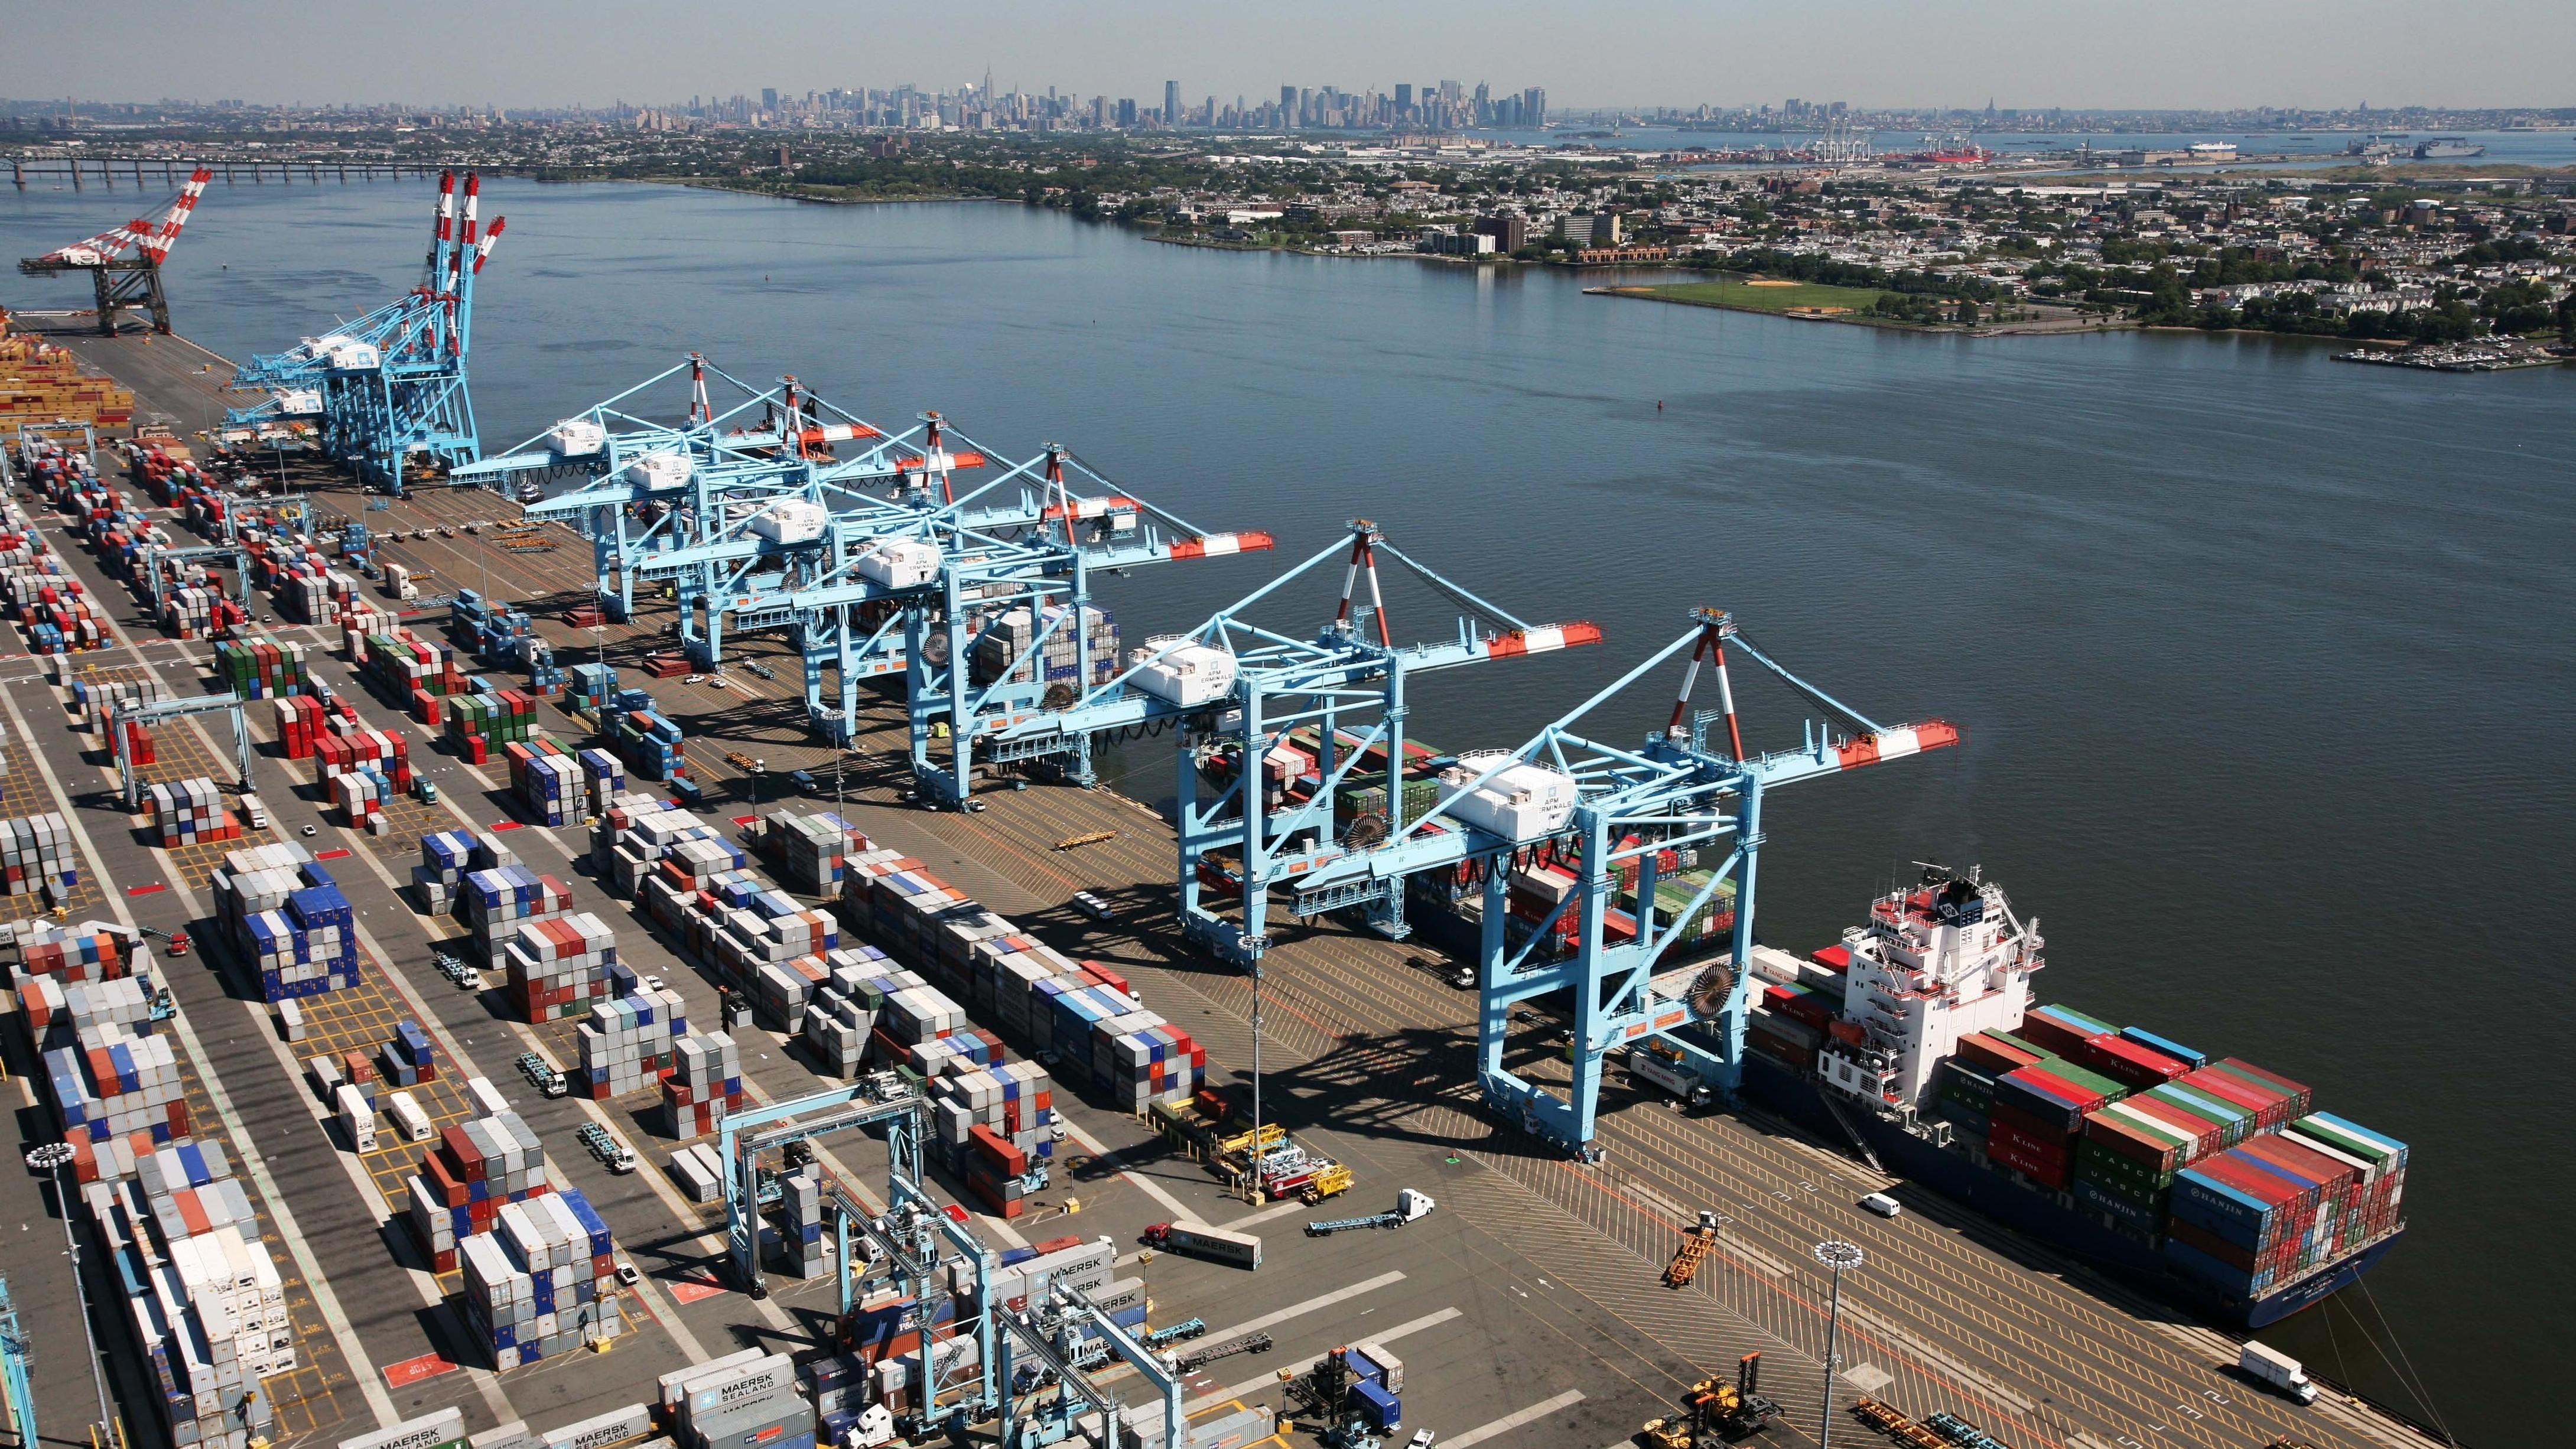 image Ny port authority brunette quick upskirt